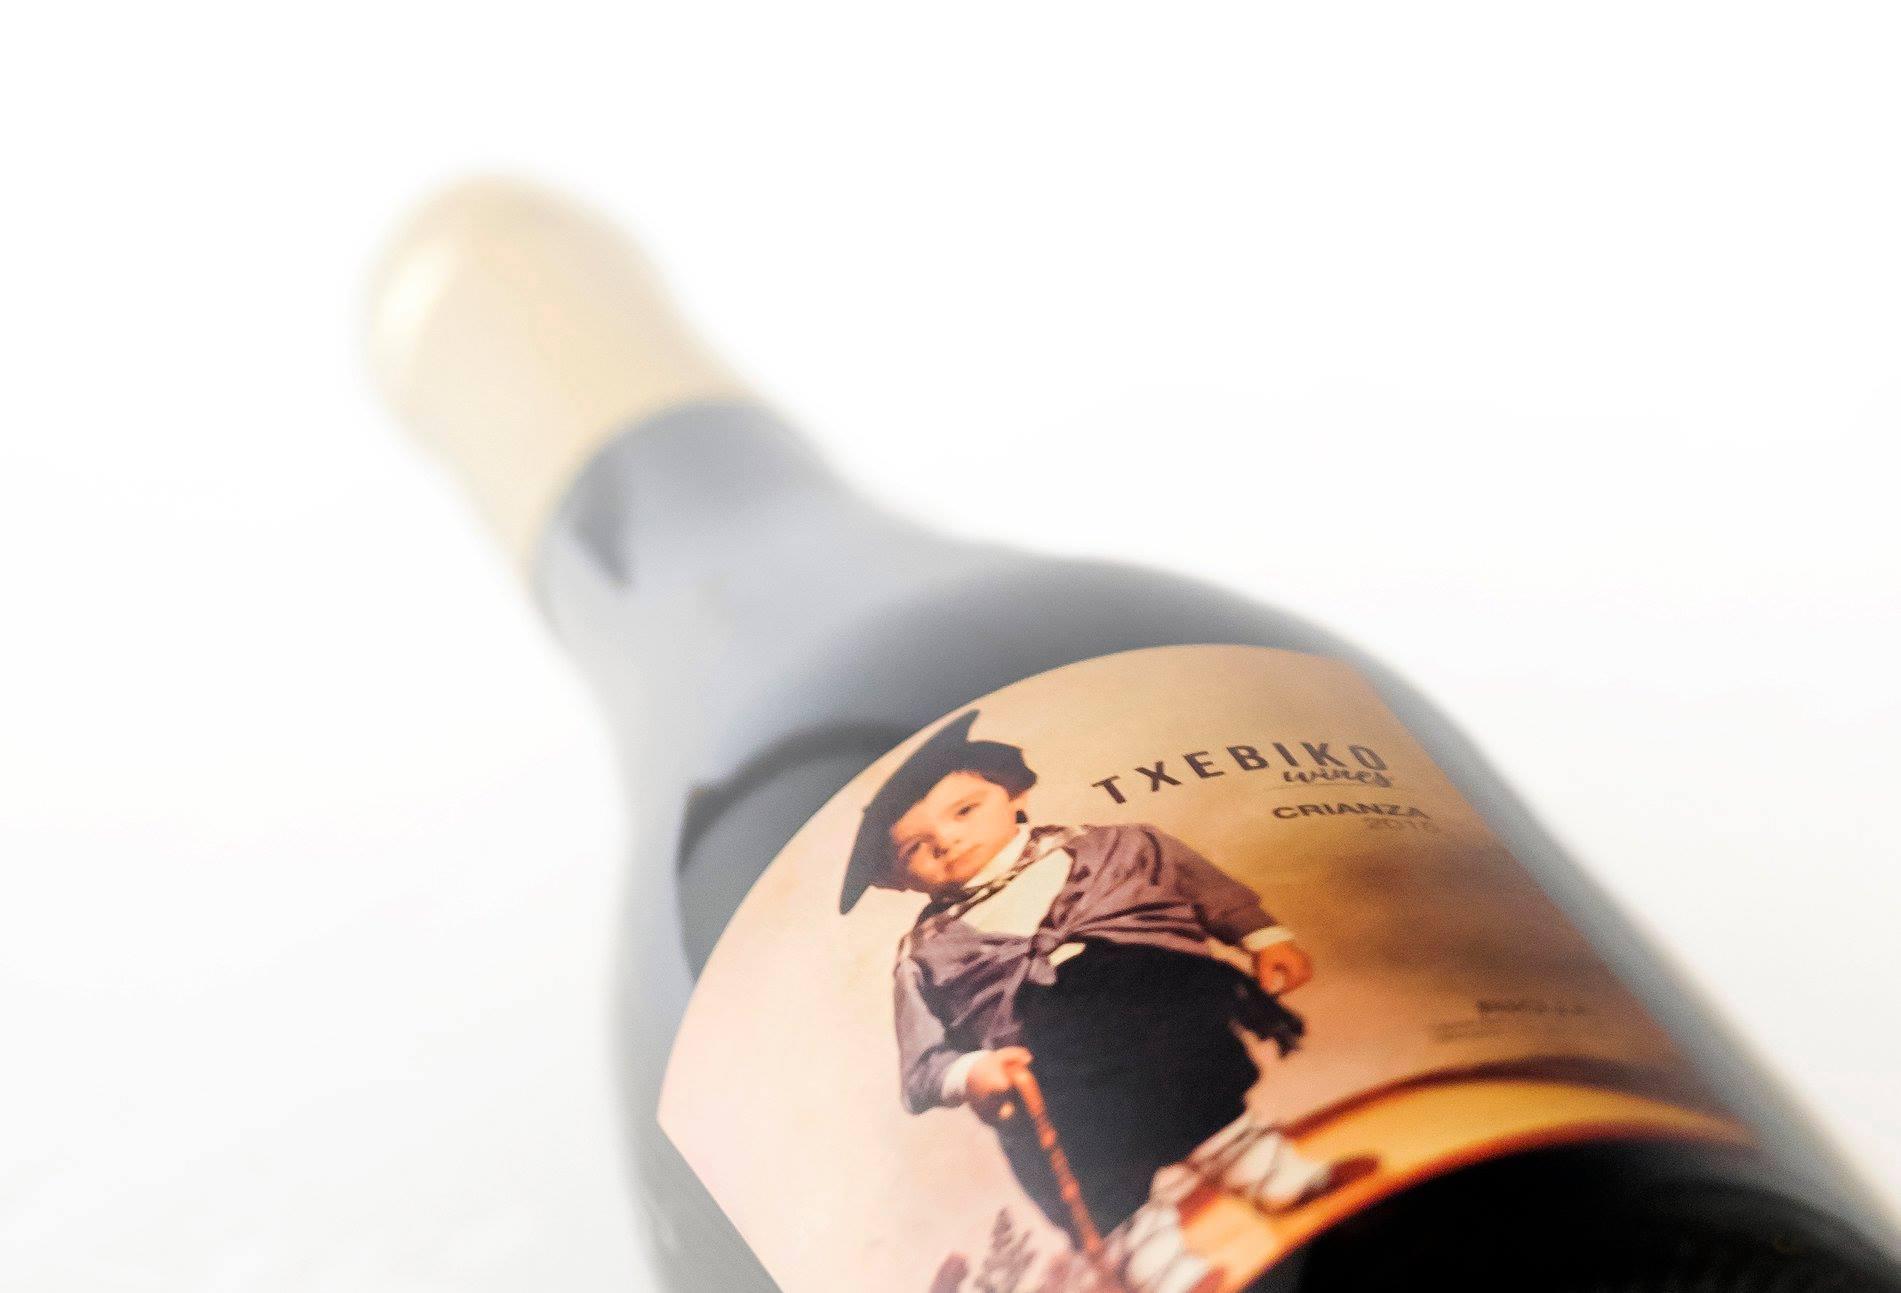 Txebiko wine, un crianza con DOC Rioja